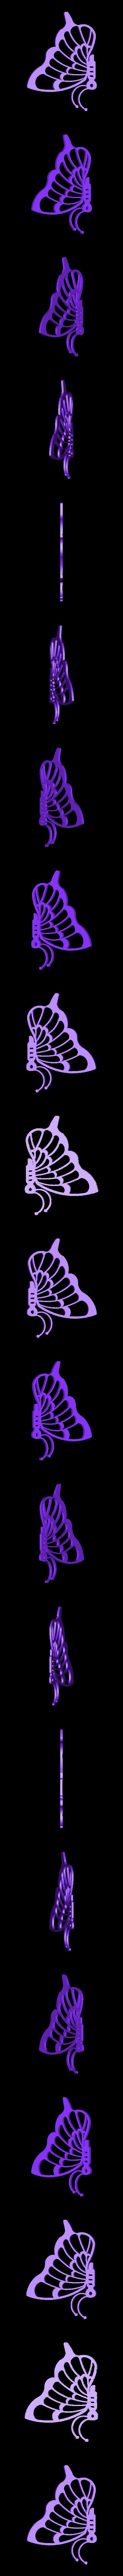 """stand_butterfly_-_2.stl Télécharger fichier STL gratuit Ensemble de cuisine """"Spring"""" • Plan à imprimer en 3D, TanyaAkinora"""